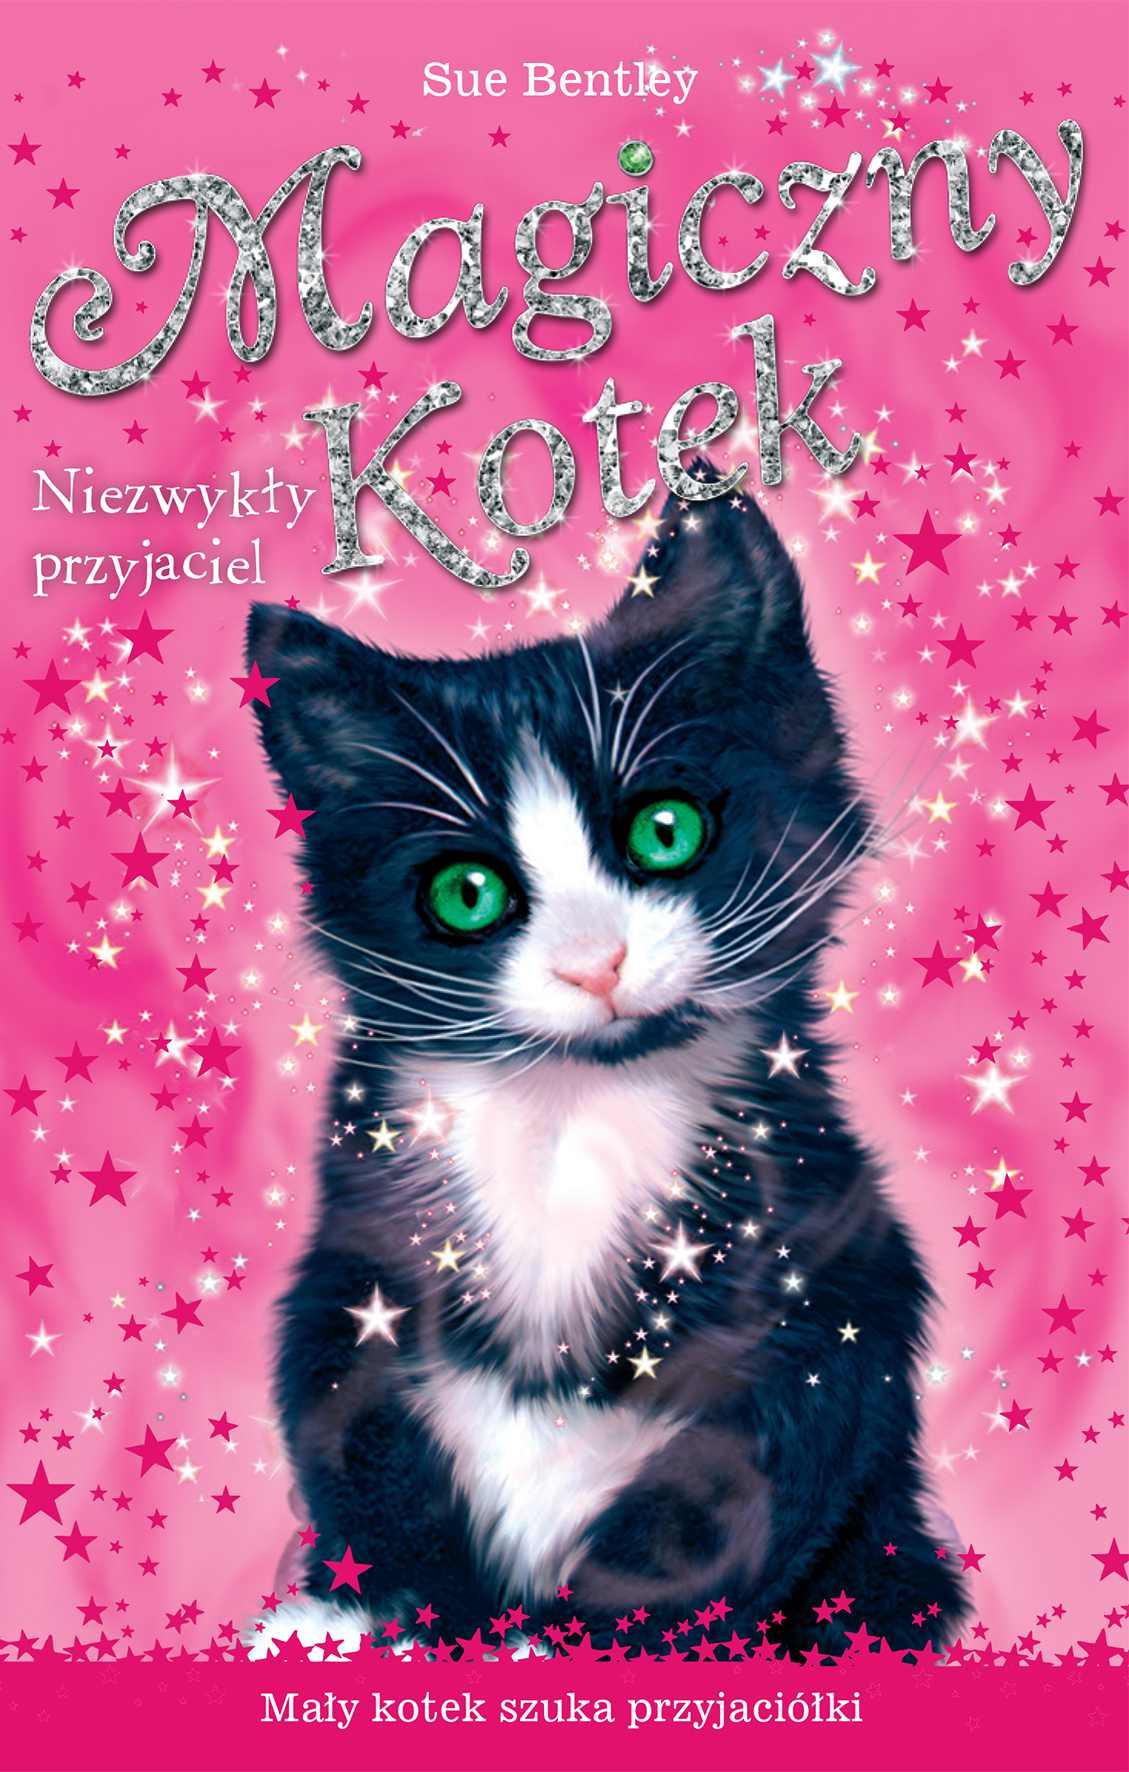 Niezwykły przyjaciel. Magiczny kotek - Ebook (Książka na Kindle) do pobrania w formacie MOBI